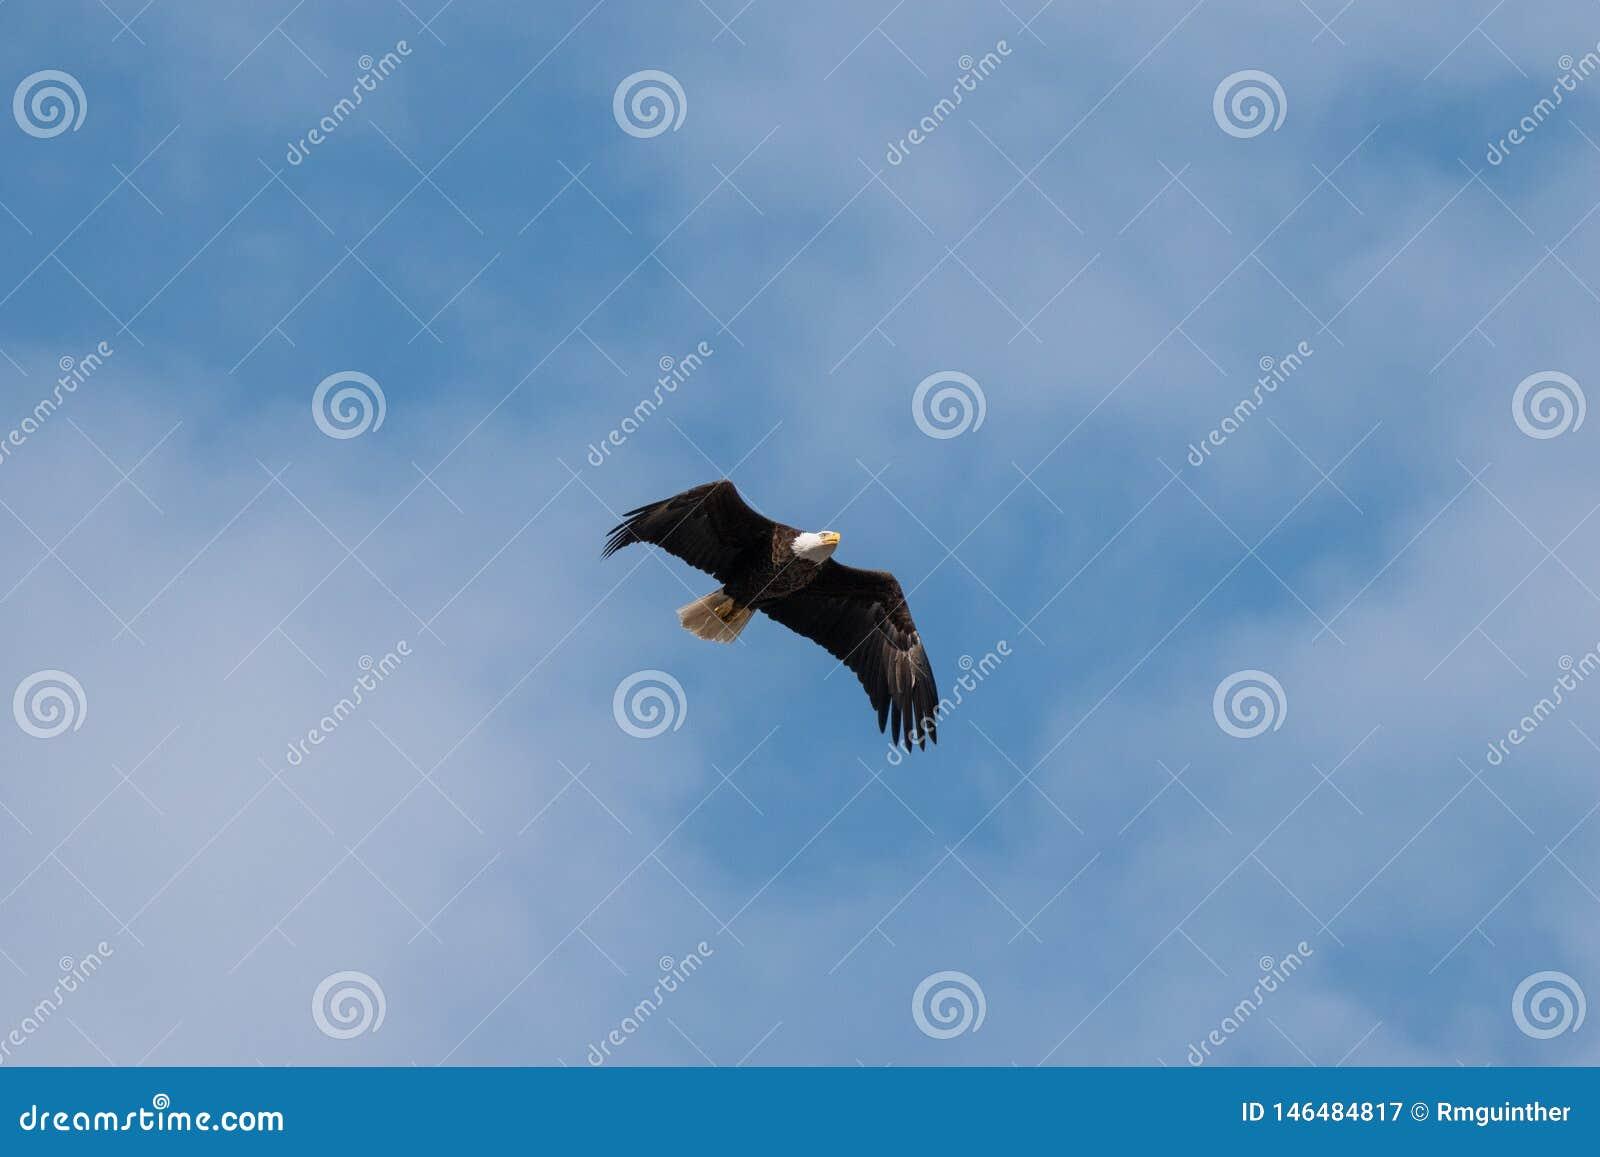 Kaal Eagle dat op zoek naar voedsel vliegt